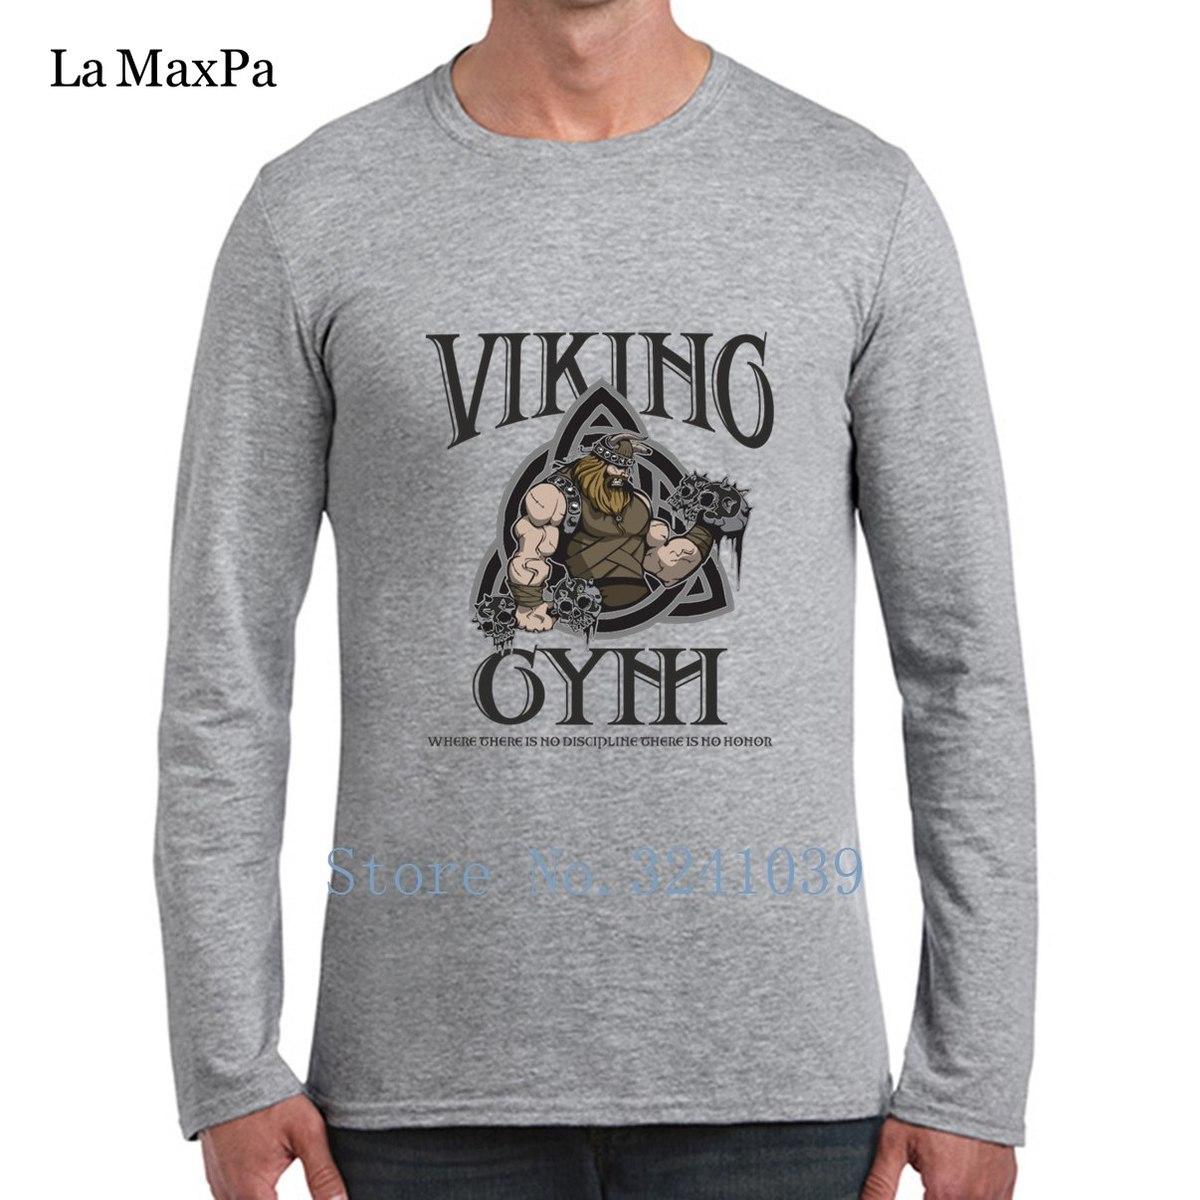 Kostüm Yeni Viking Spor Salonları Tee Gömlek Eğlence Ince Düzenli T-Shirt Erkekler Için Bahar Sonbahar Pamuk Basit Erkek T Gömlek Tee Tops